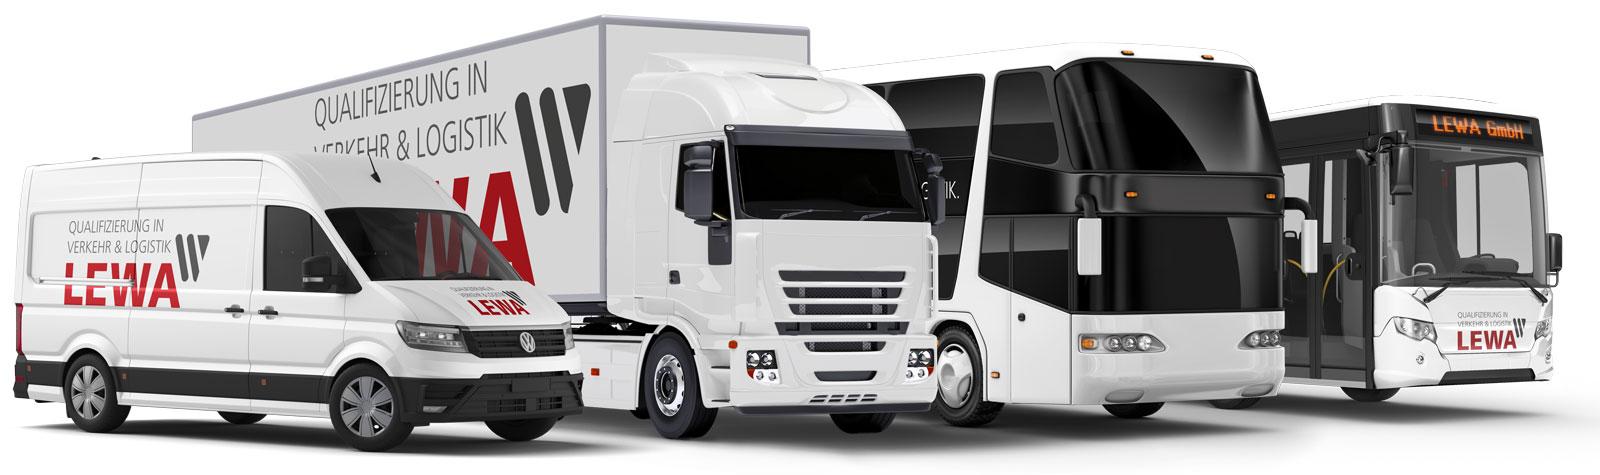 EU-Kraftfahrer Berufskraftfahrer Ausbildung Weiterbildung Führerschein LKW Bus